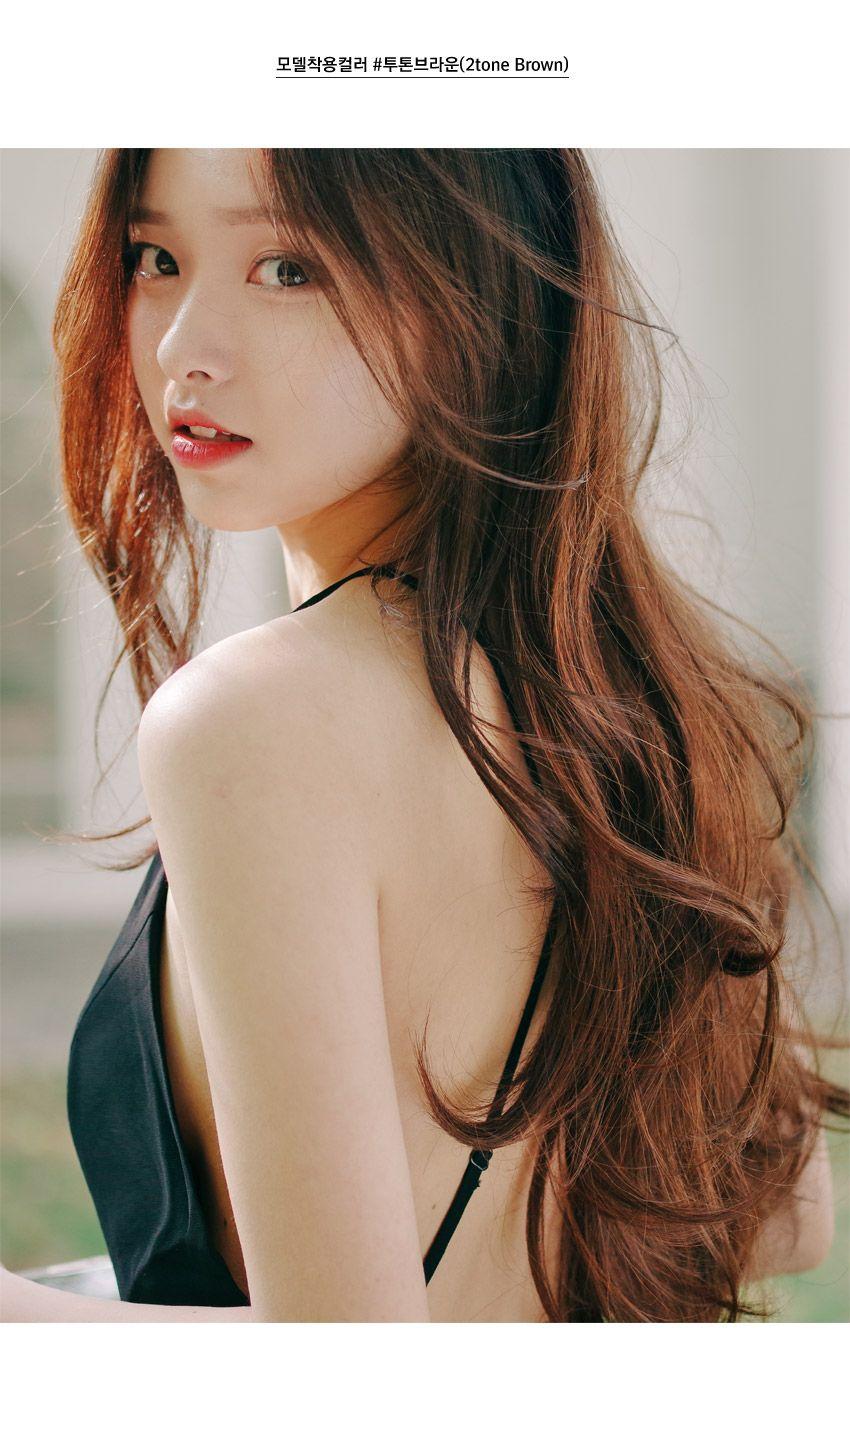 long hair asian ladies websites